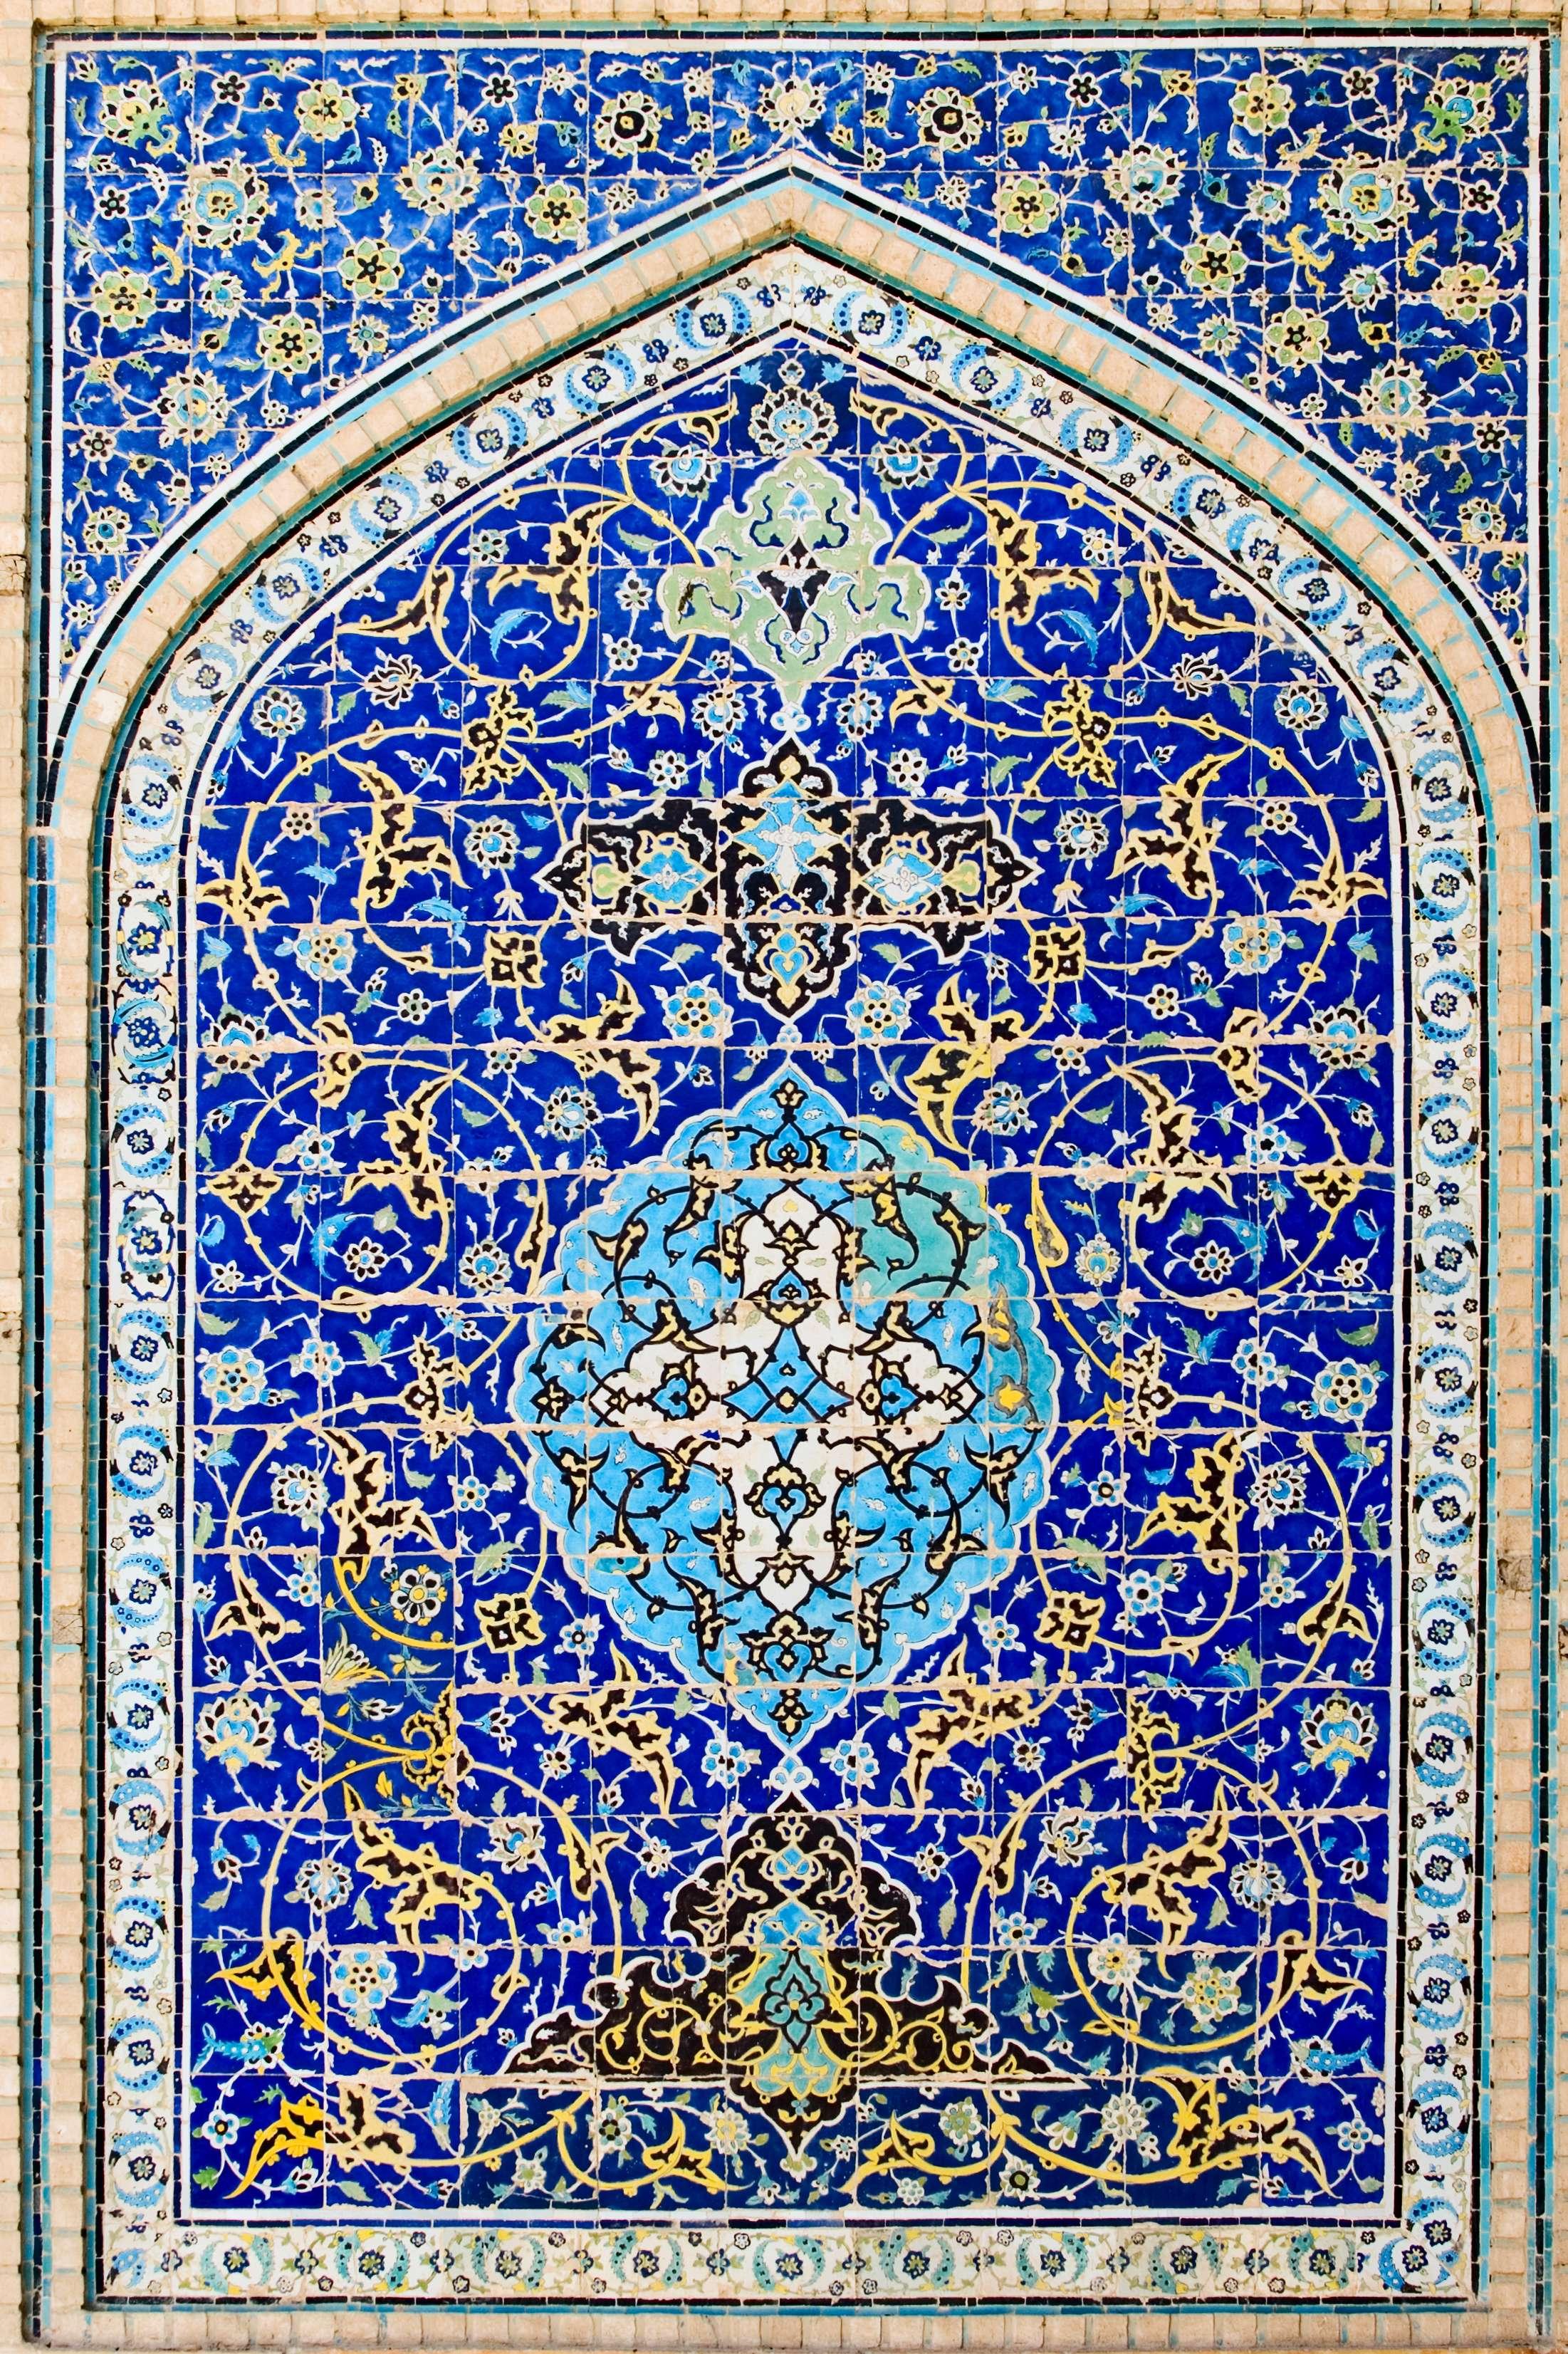 طرح کاشی شکسته روی دیوار طرح کاشی های مسجد امام گنجینه تصاویر تبيان